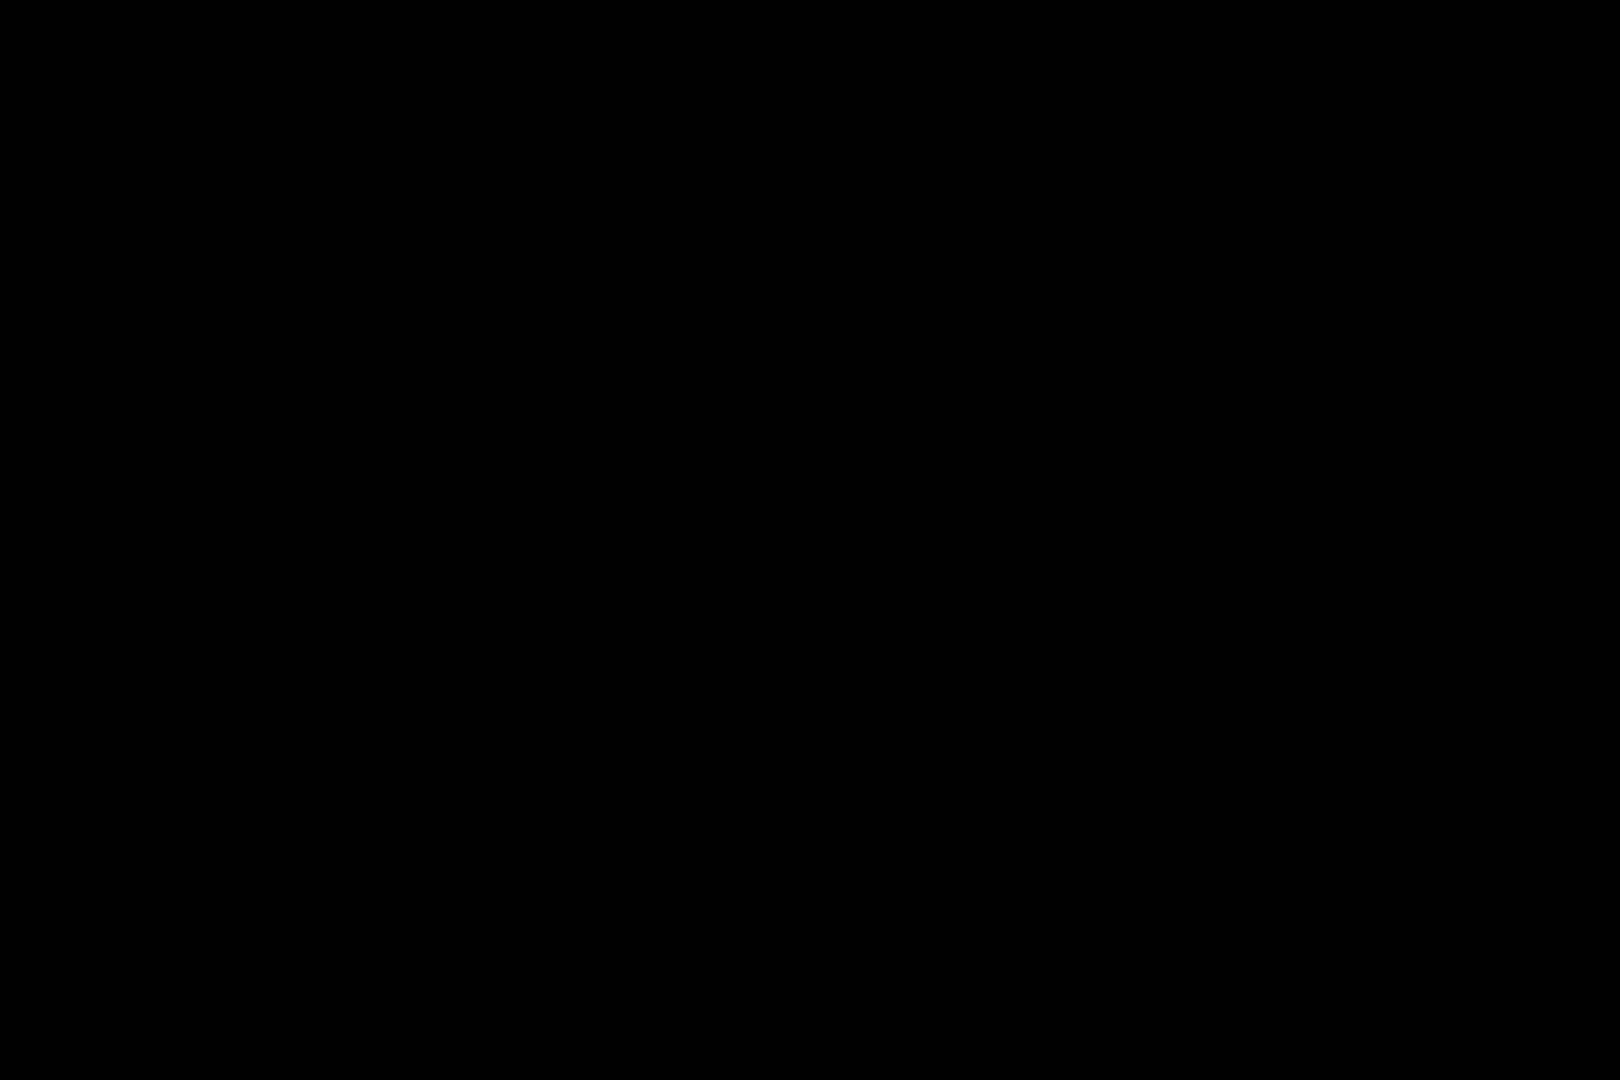 充血監督の深夜の運動会Vol.237 OLセックス  63画像 38